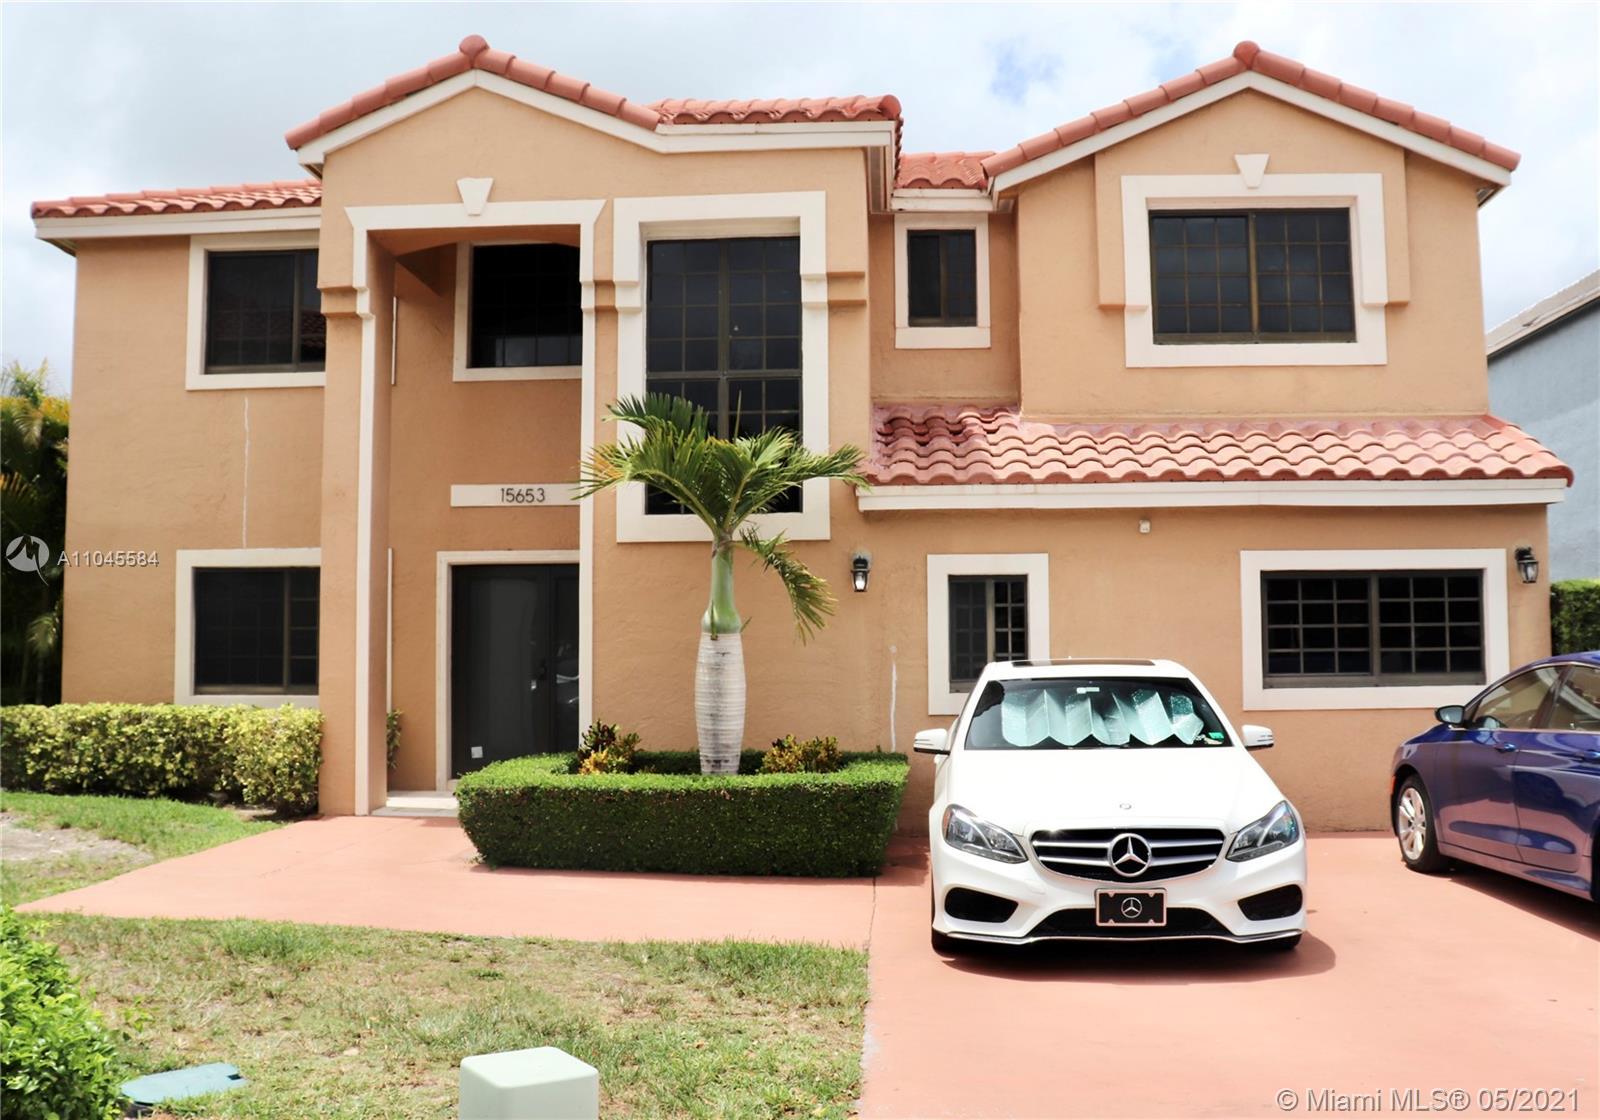 Hammocks - 15653 SW 96th Ter, Miami, FL 33196